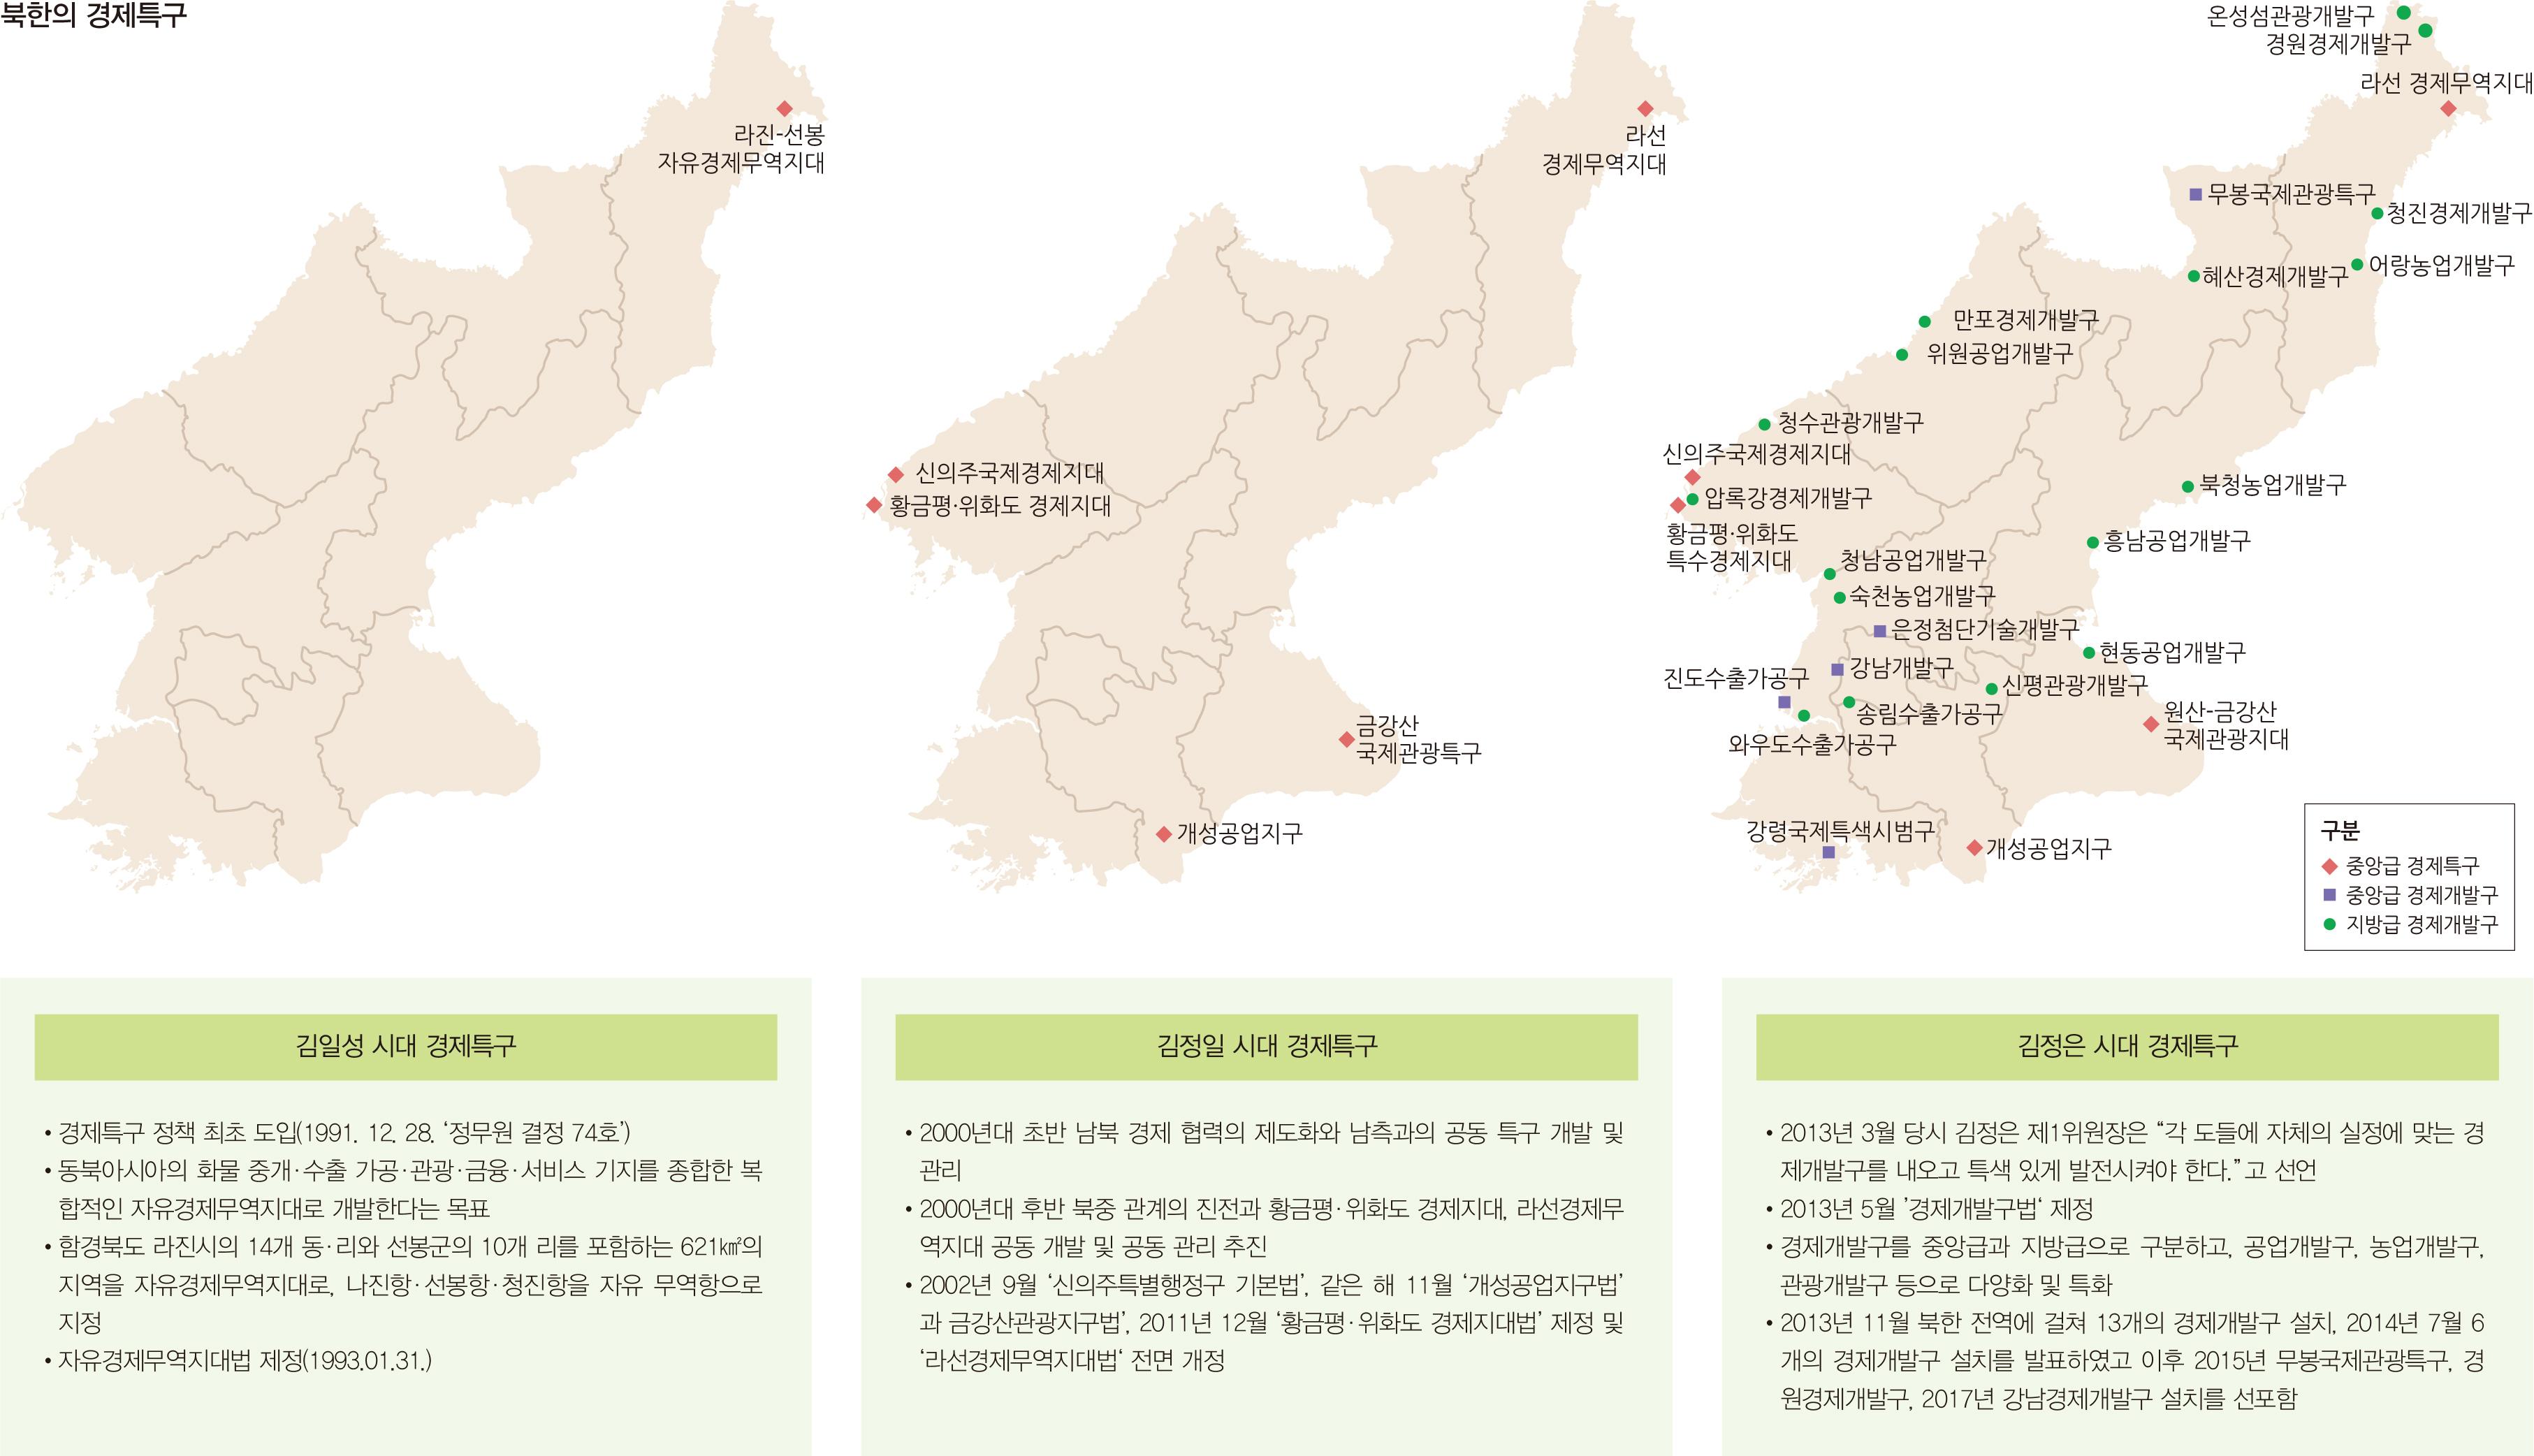 북한의 경제특구